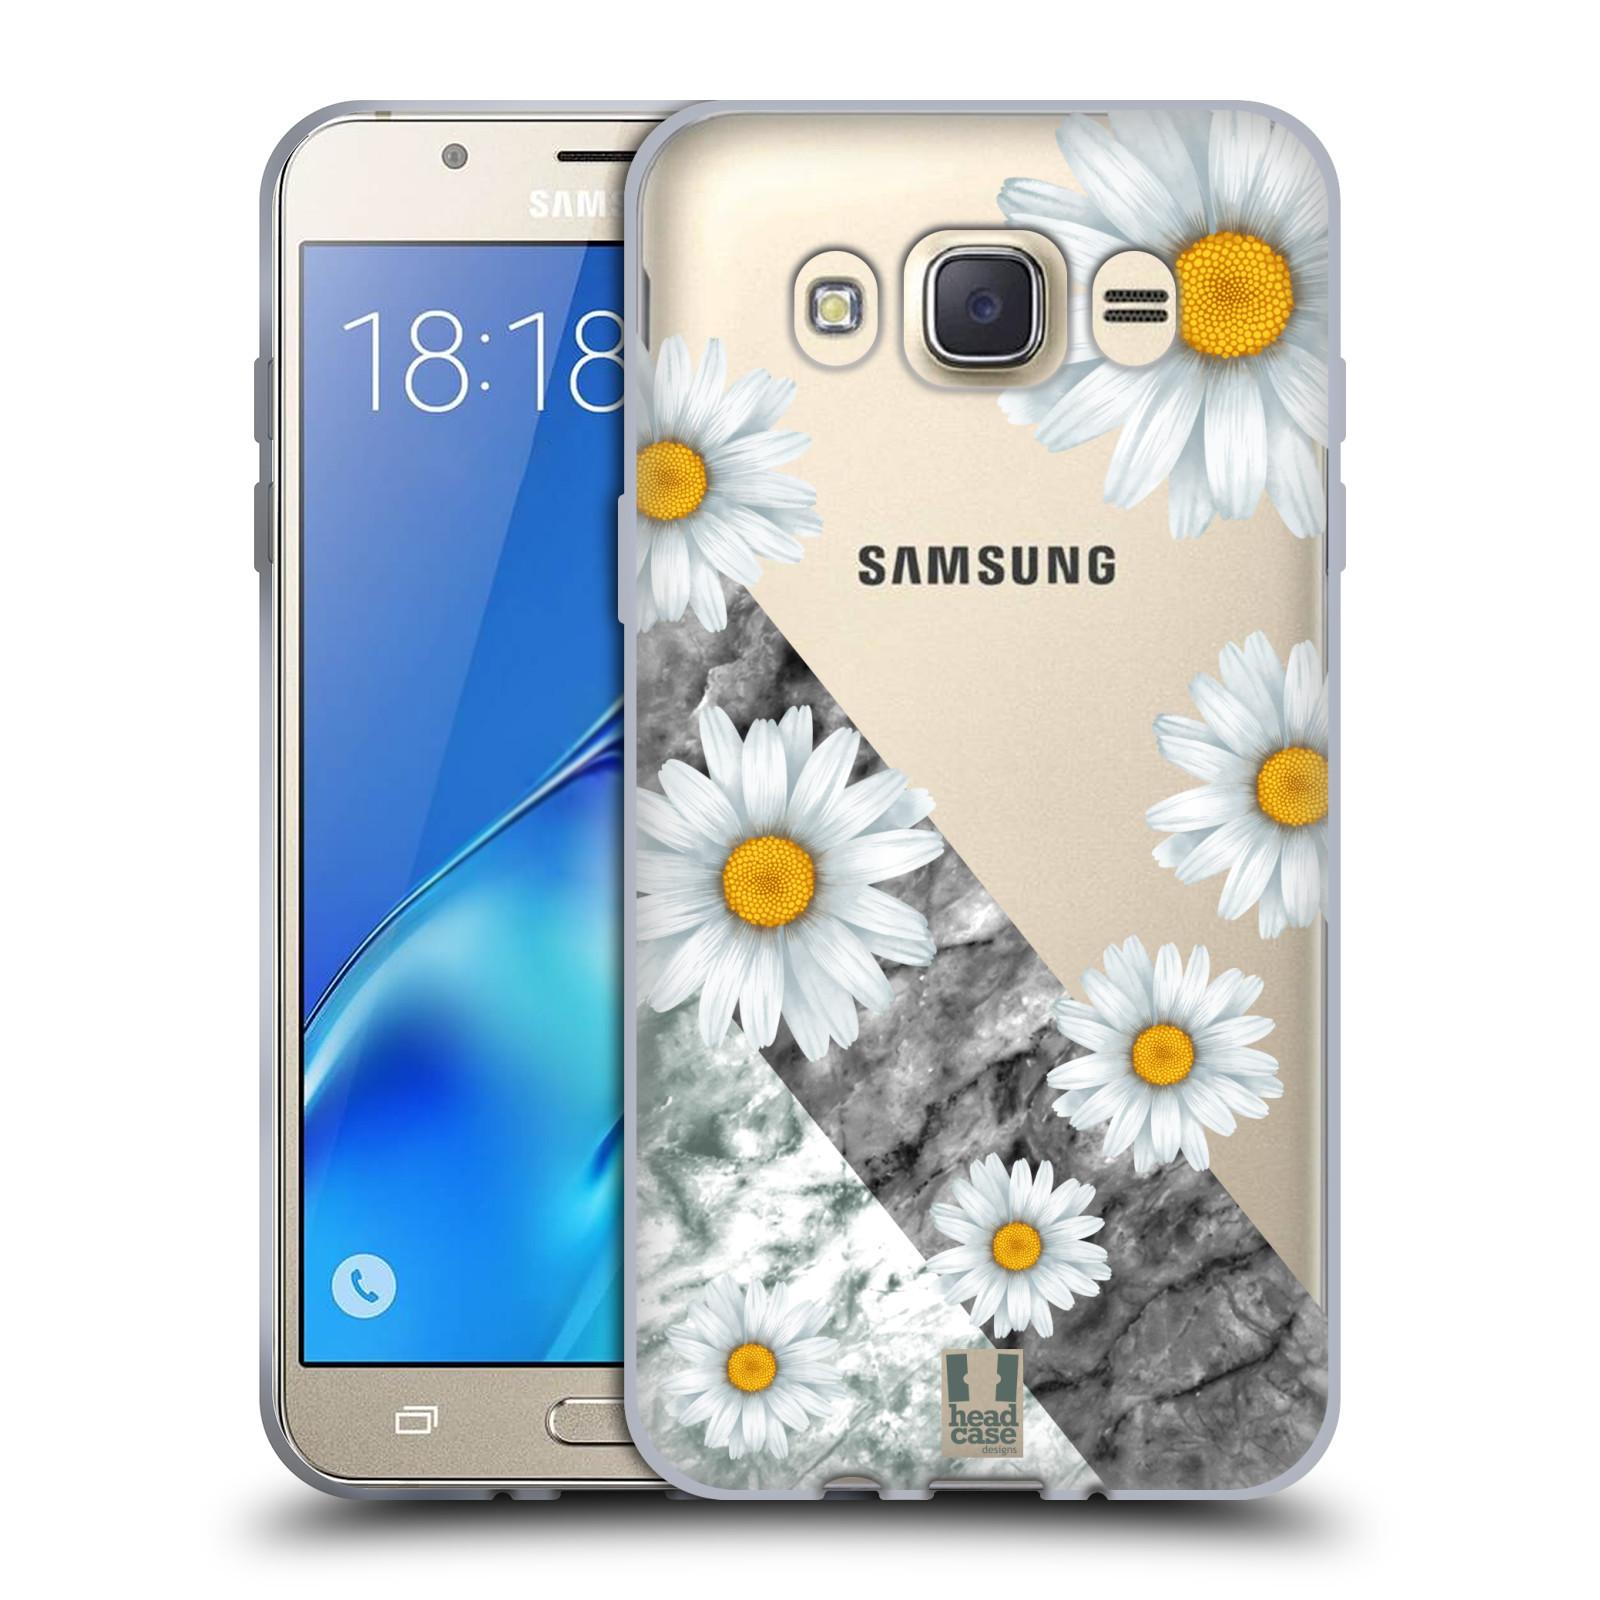 Silikonové pouzdro na mobil Samsung Galaxy J7 (2016) - Head Case - Kopretiny a mramor